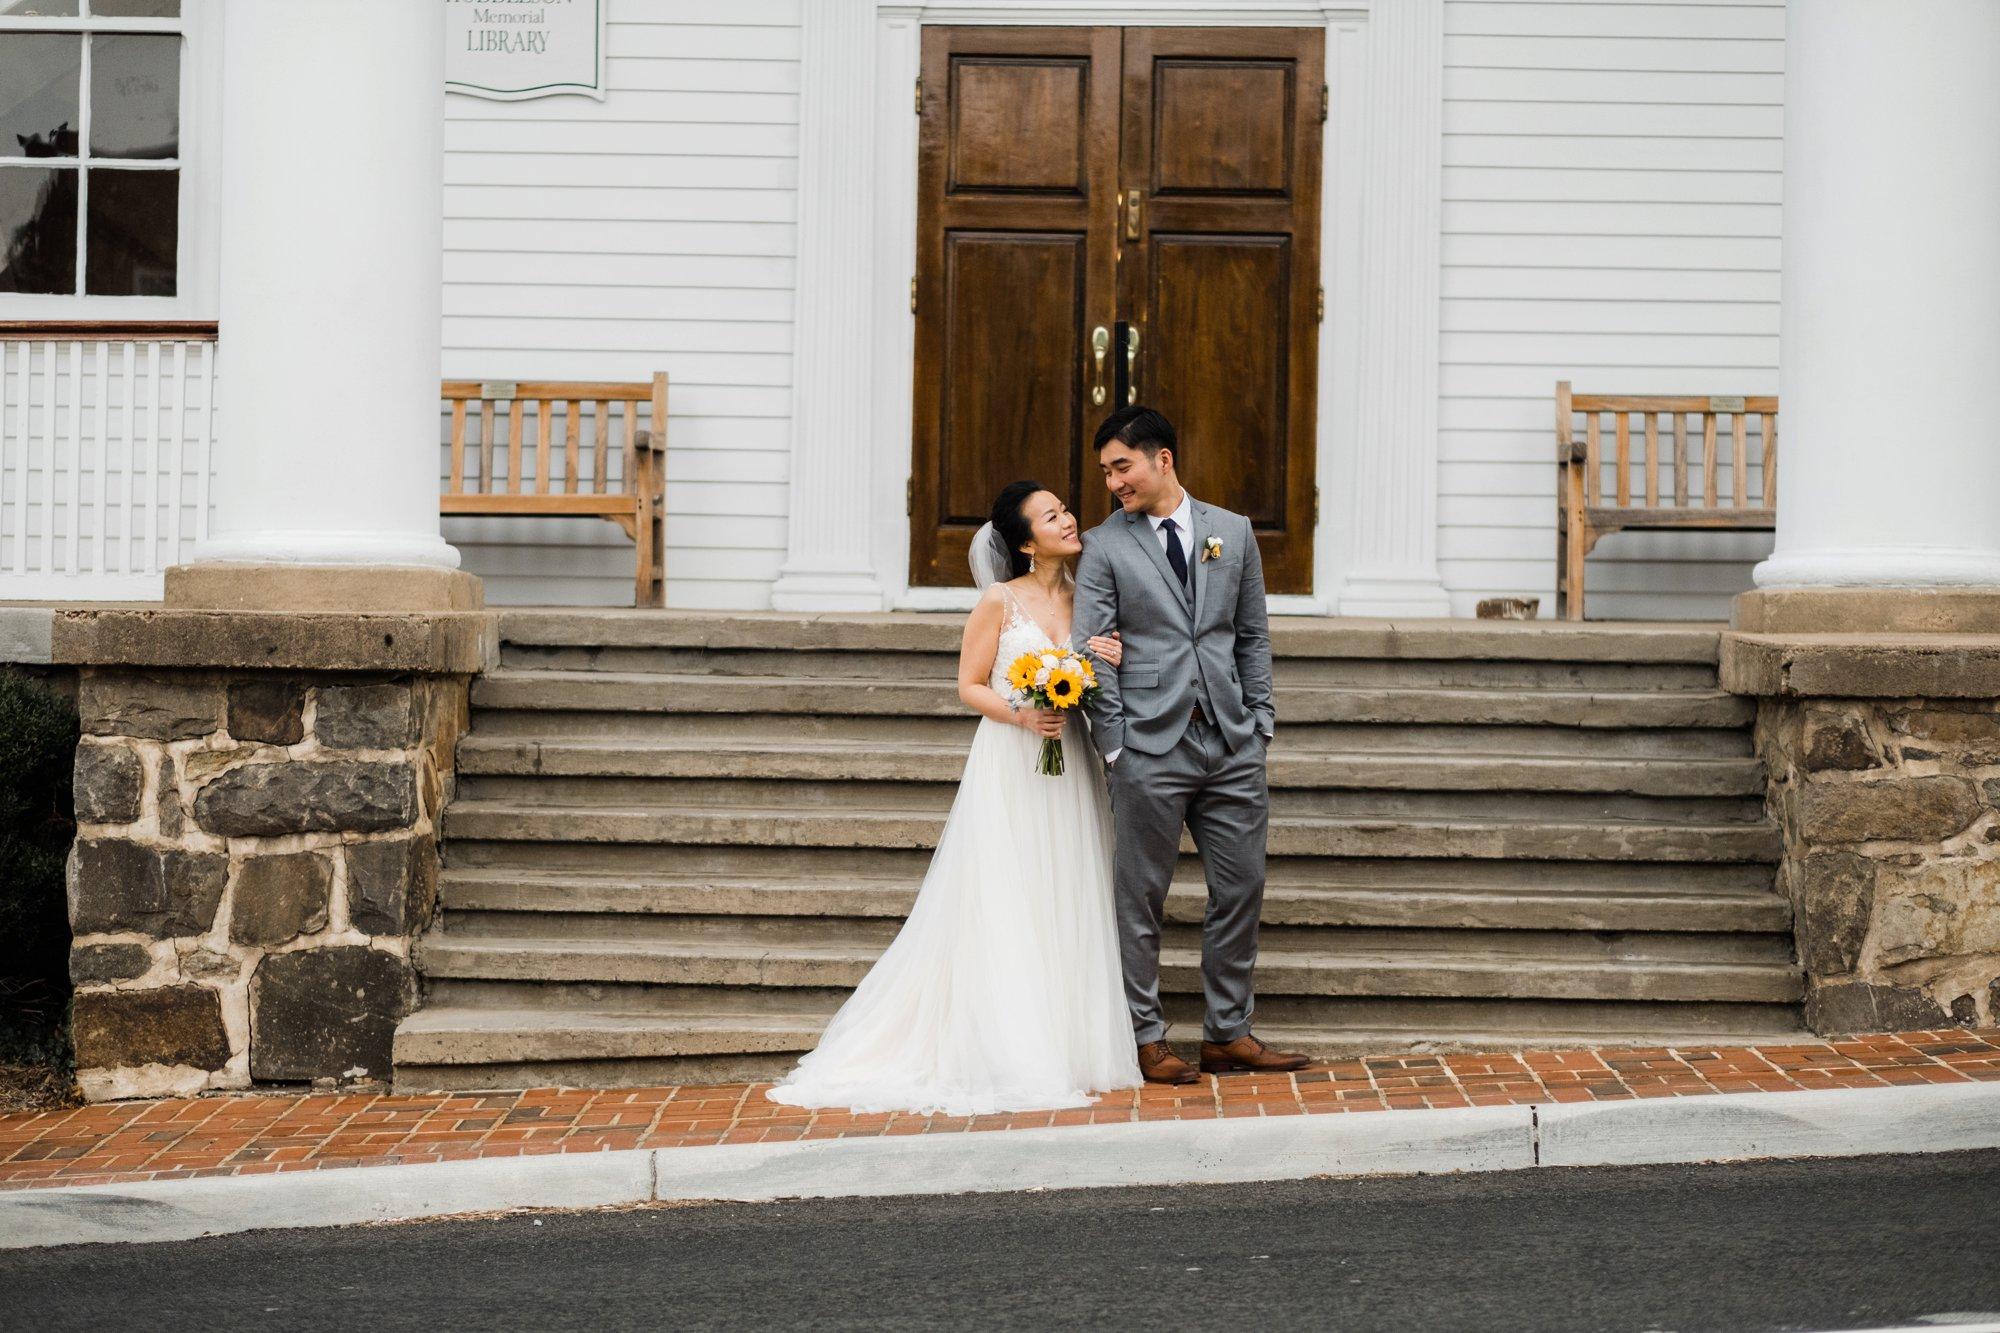 fairfax-dc-wedding-old-city-hall_0082.jpg